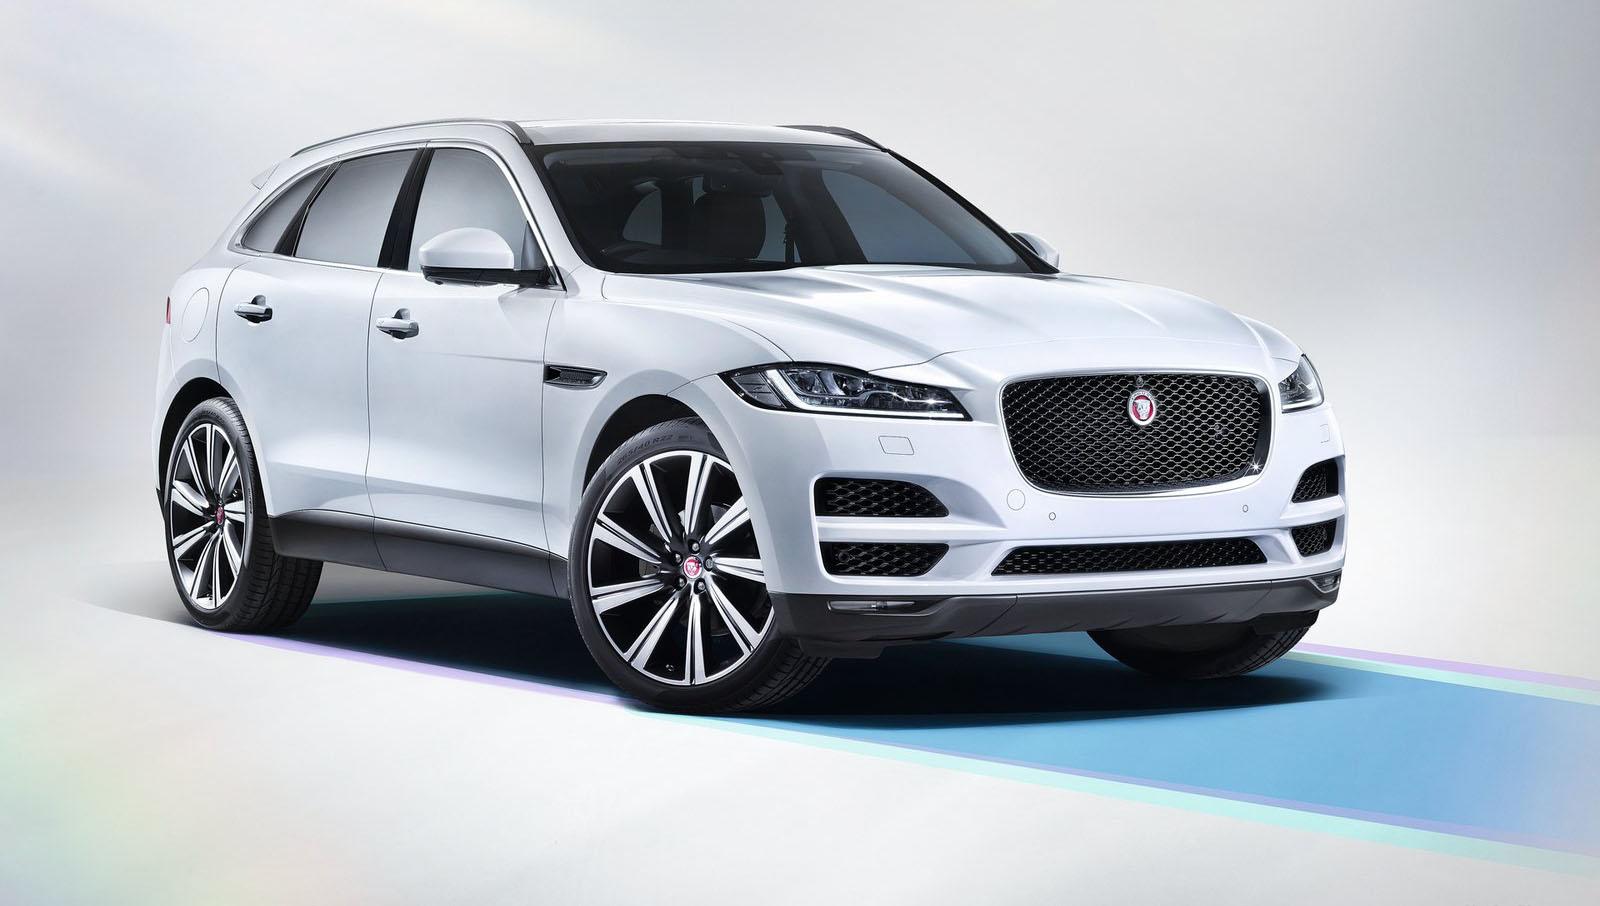 Jaguar suv price australia